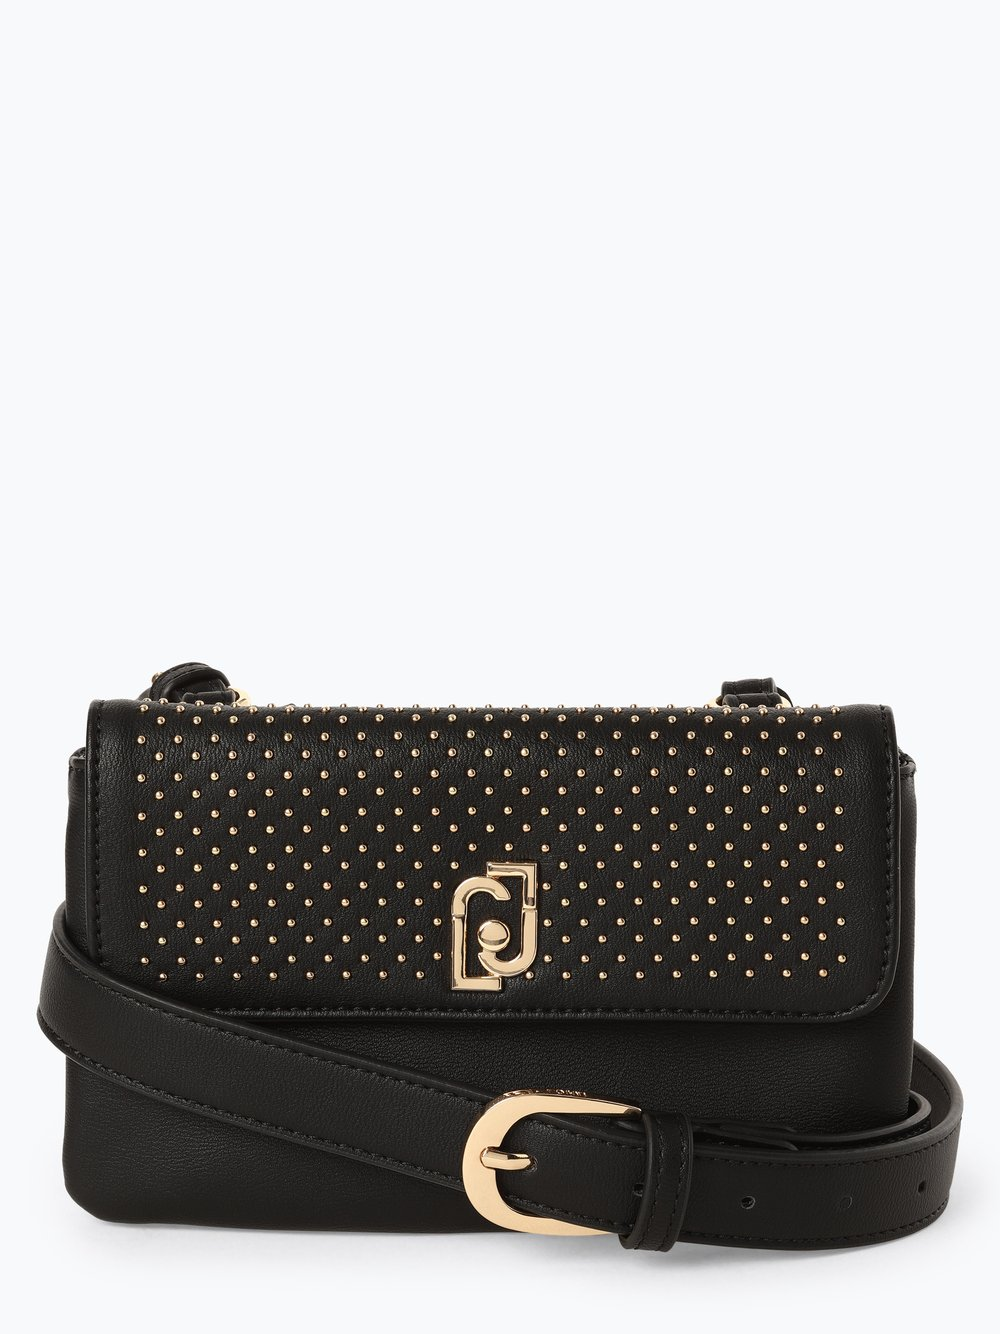 Liu Jo Collection – Damska torebka na ramię, czarny Van Graaf 441265-0001